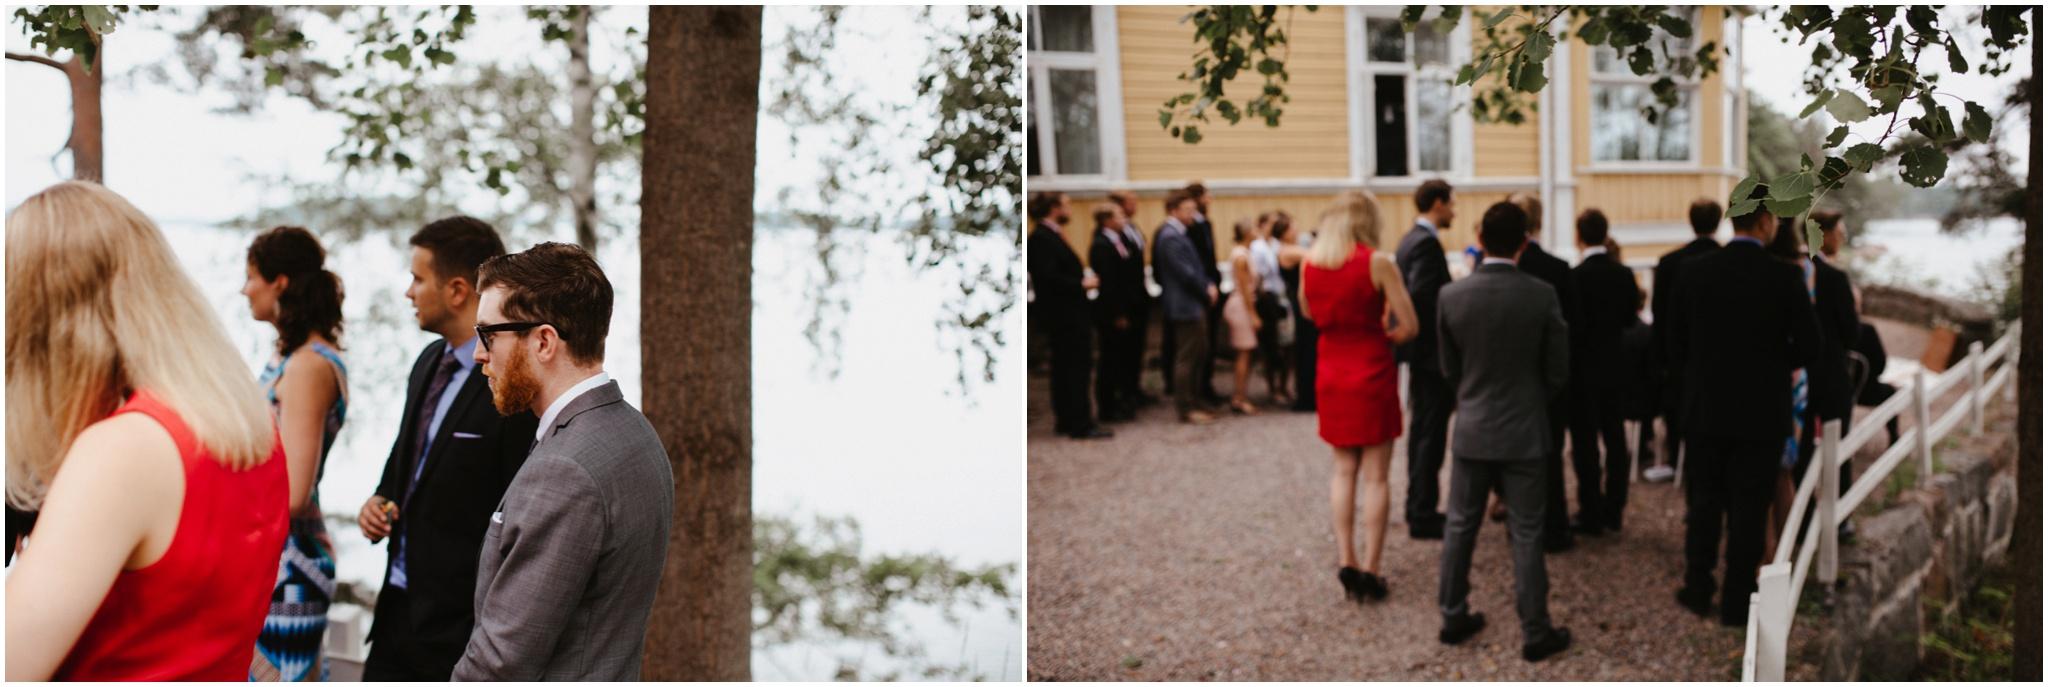 Noora + Kalle 25.jpg